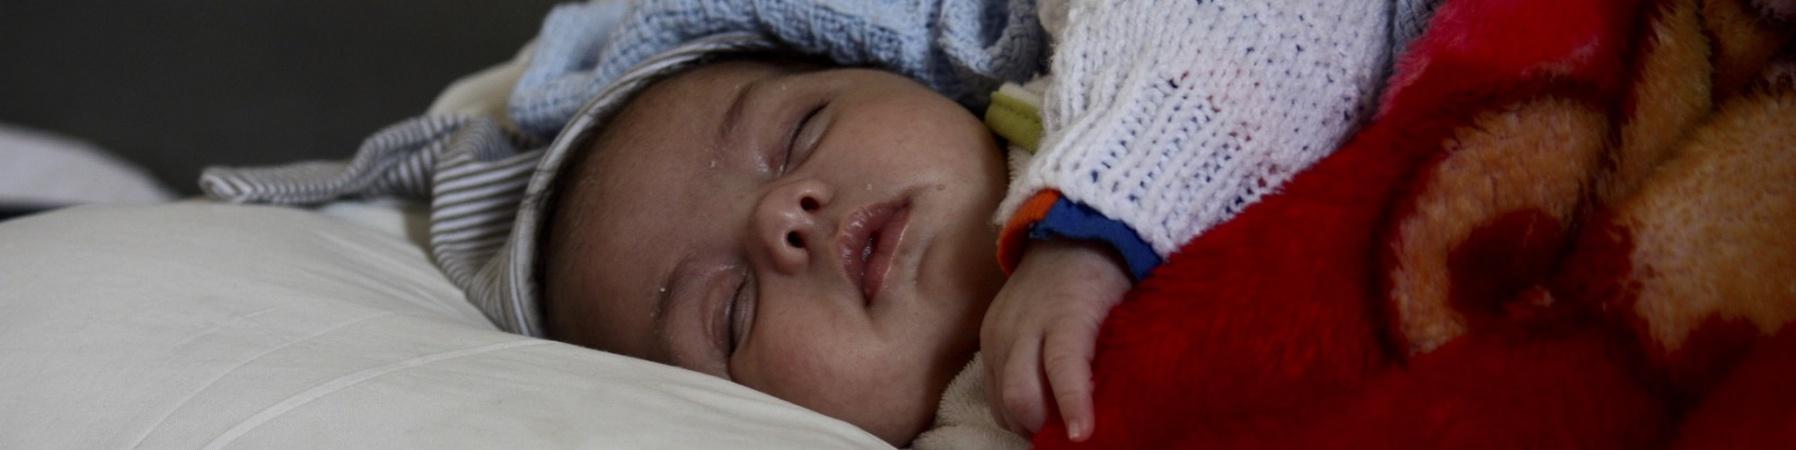 mezzo busto di bimbo che dorme in un lettino con sopra delle coperte